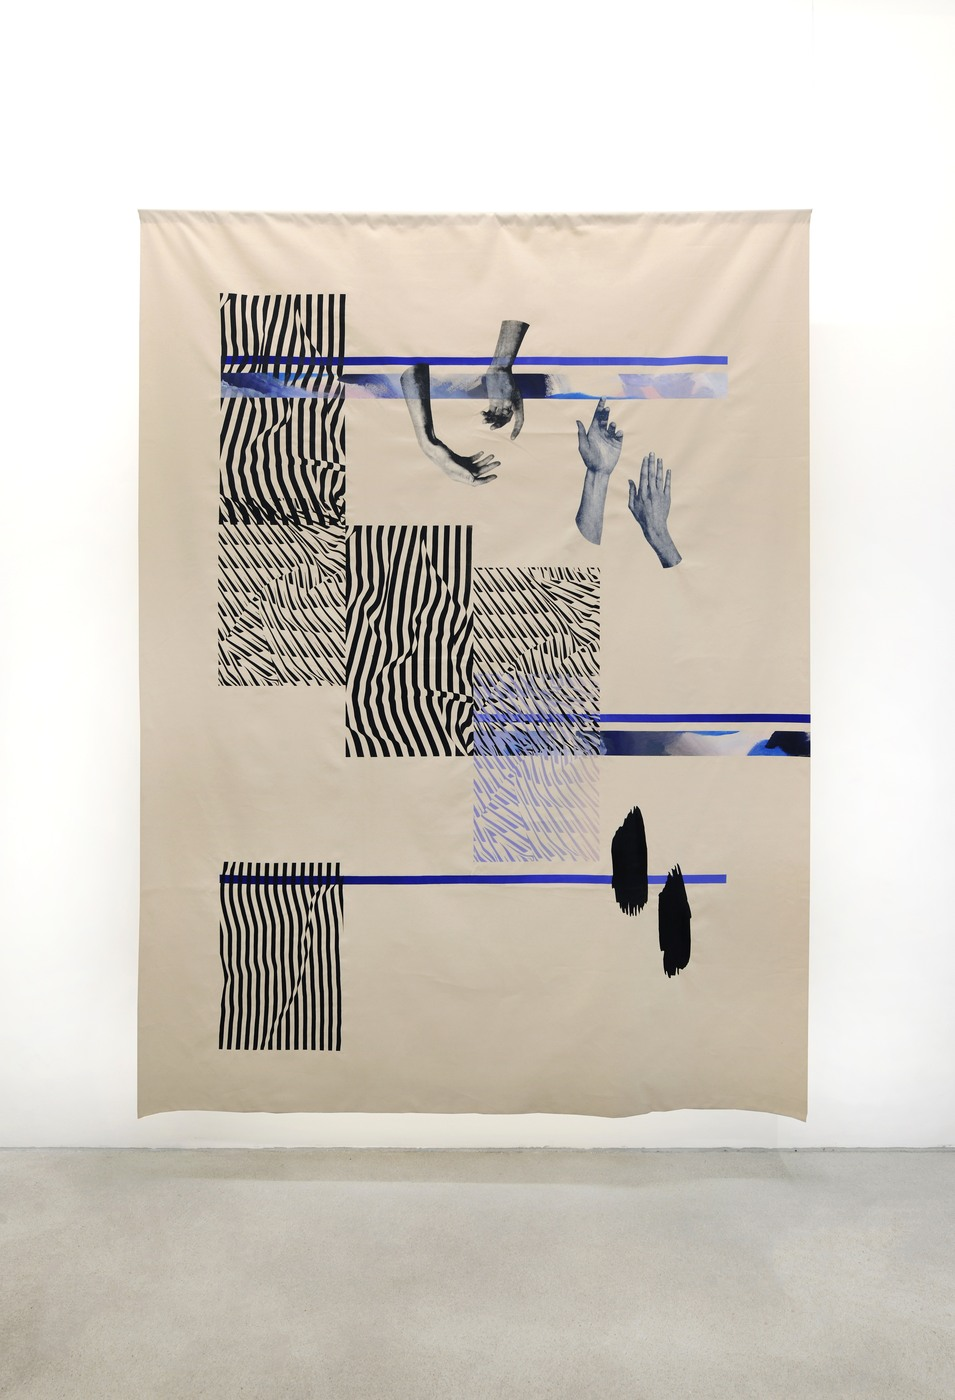 Installation view, Fay Nicolson,UN MAKE ME, Galerie Rolando Anselmi